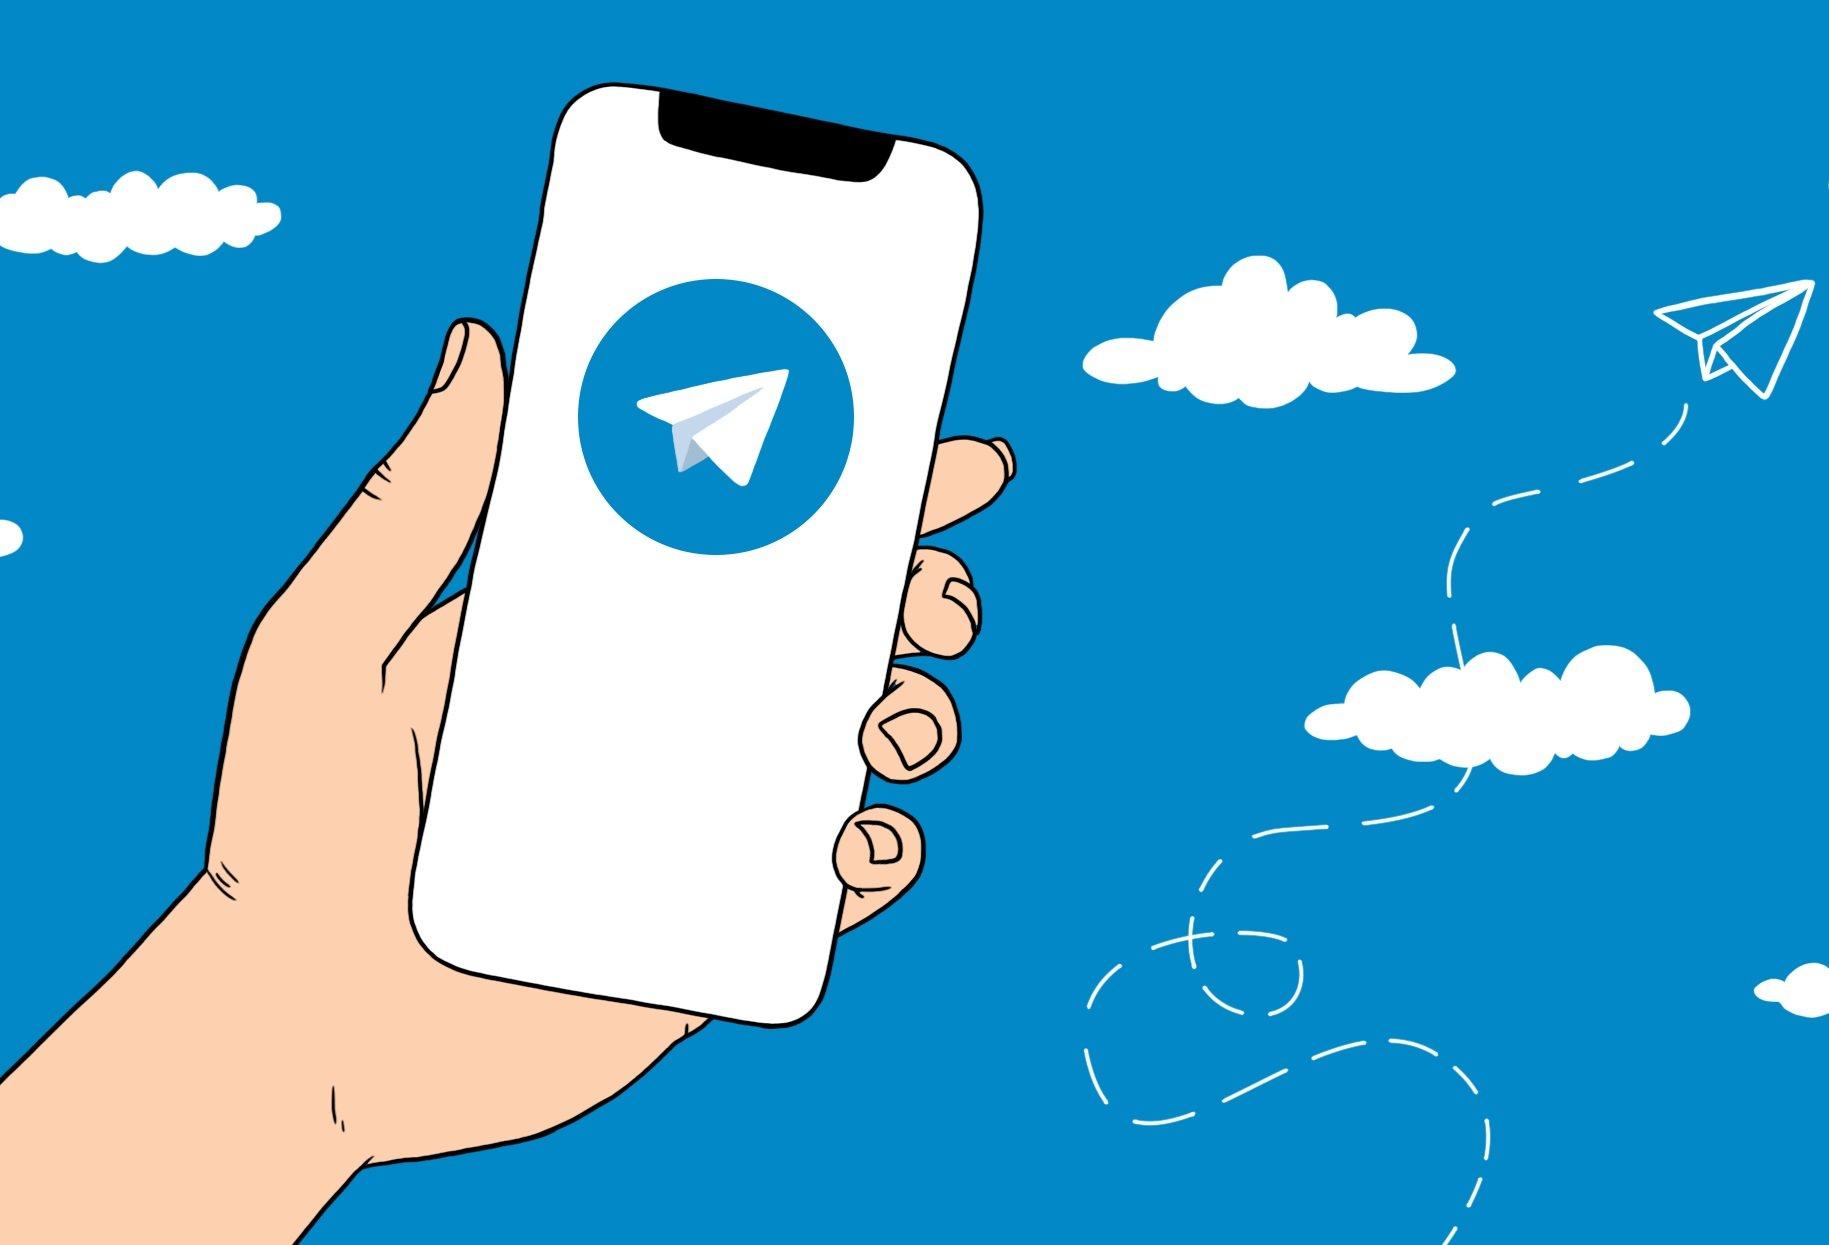 Telegram порадовал расширенными функциями и улучшением качества